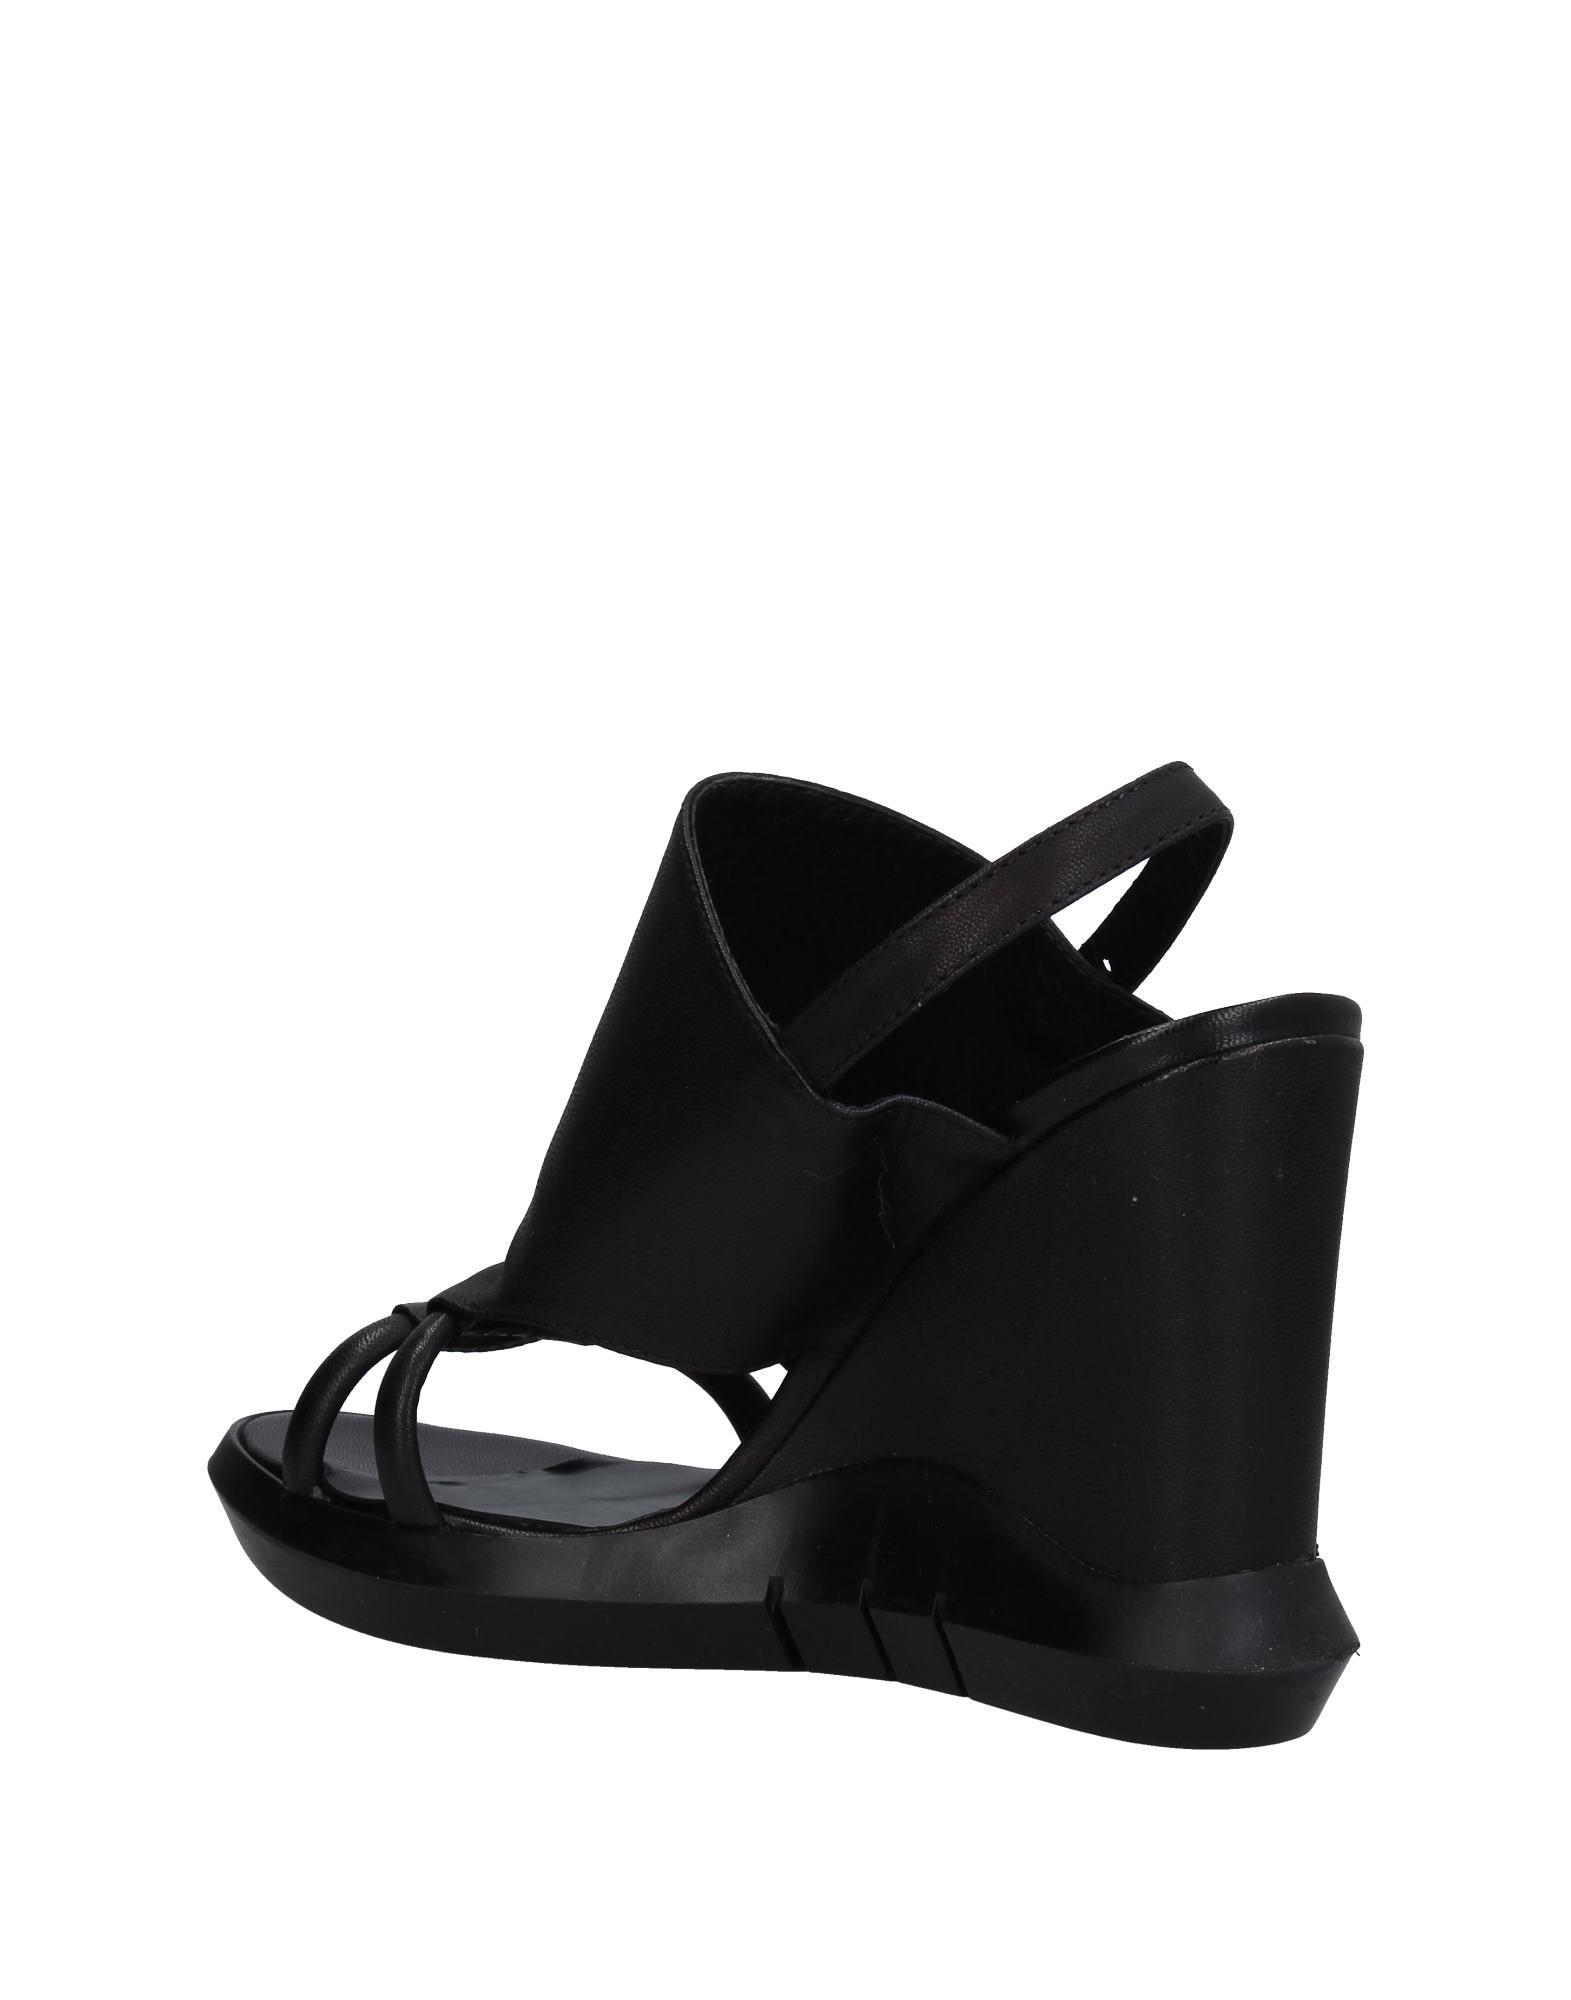 Unlace Sandalen Damen  11374071AO Gute Qualität beliebte Schuhe